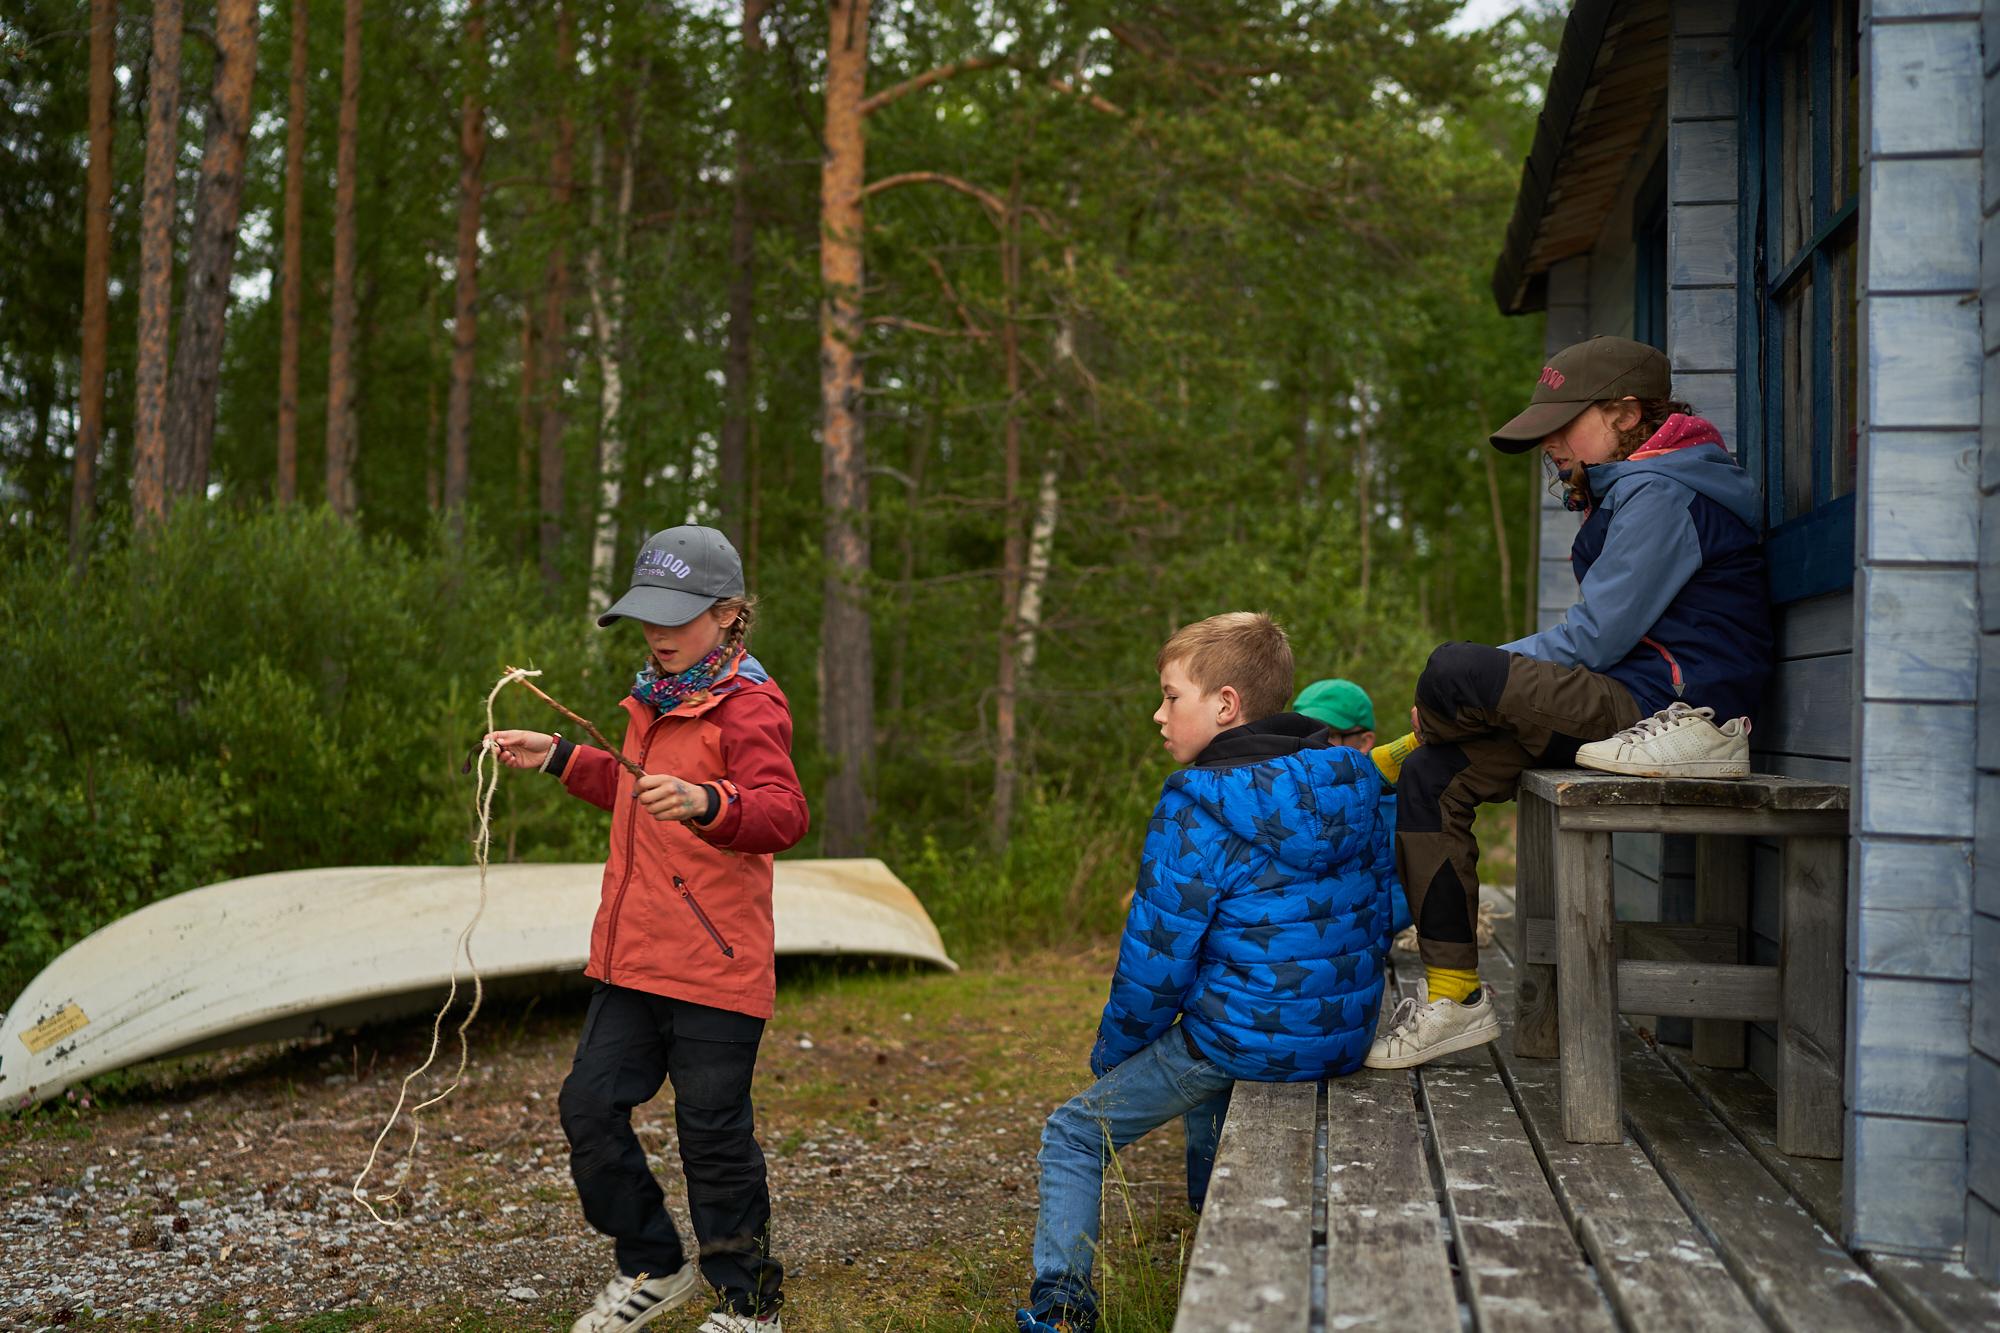 20190710-Zweden-S19-NIK08313.jpg